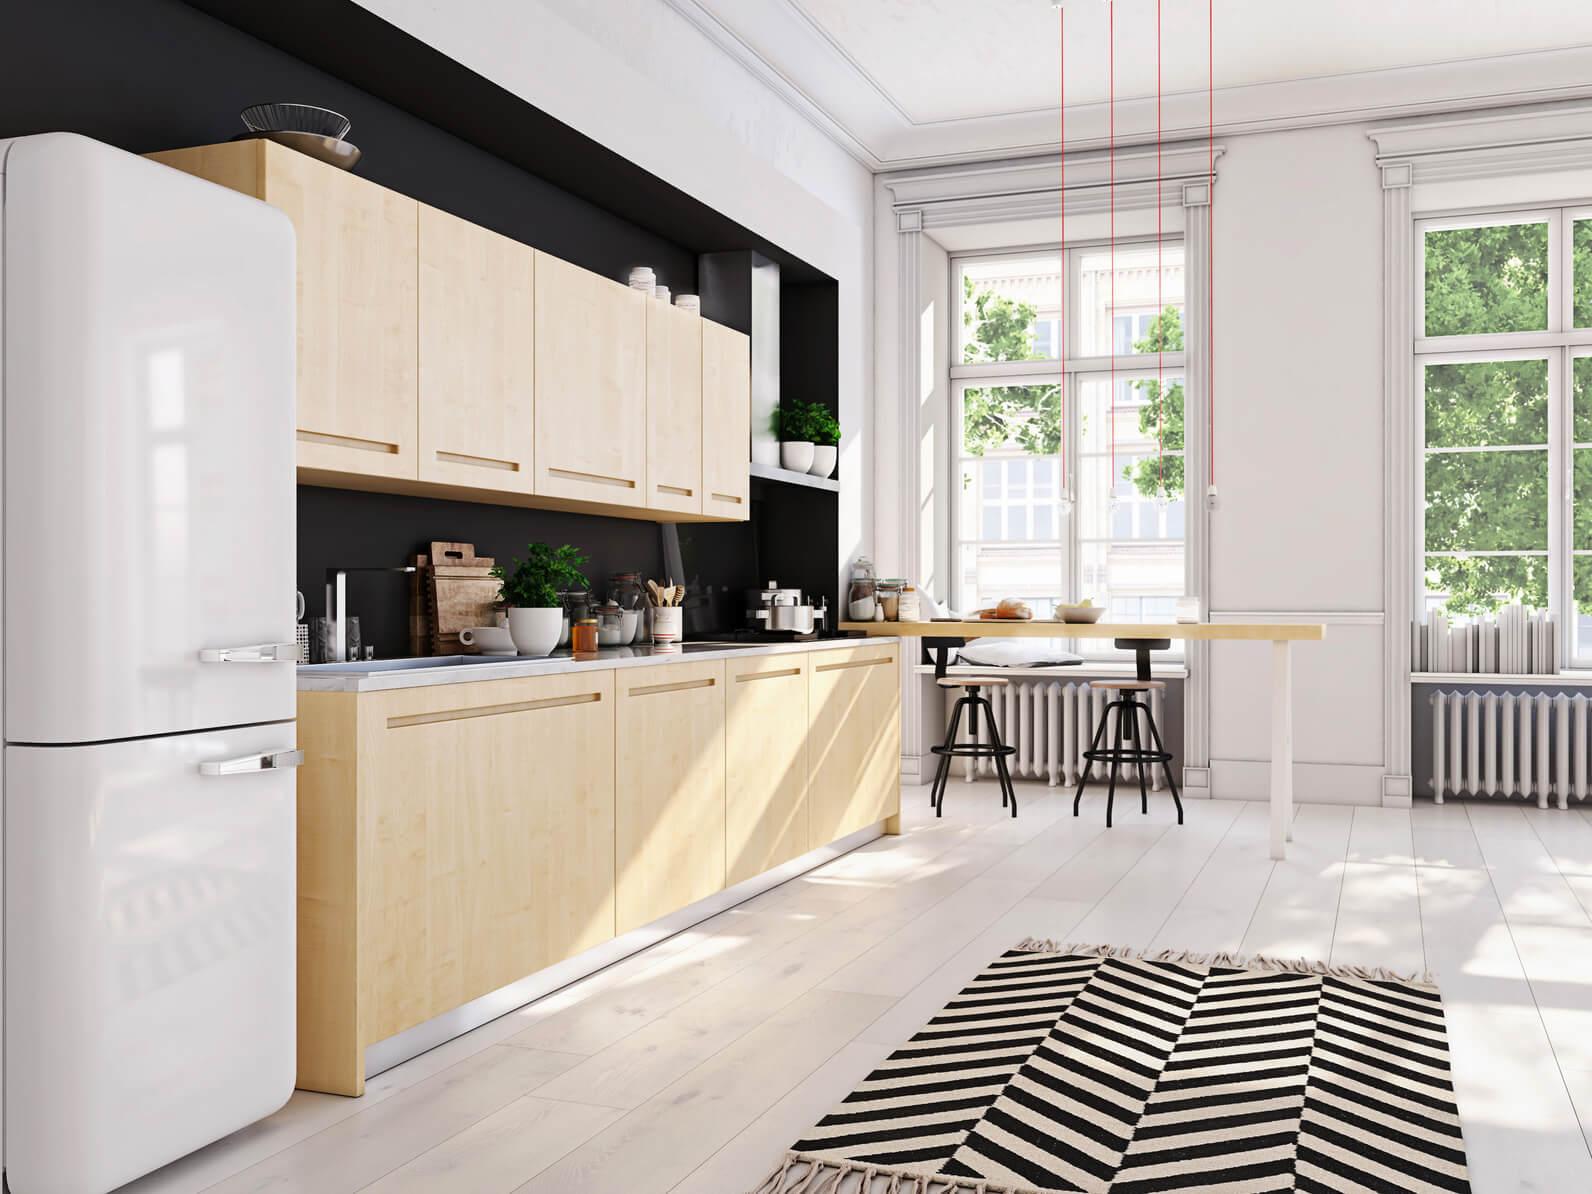 Estilo n rdico escandinavo definici n concepto y qu es - Casas estilo nordico ...